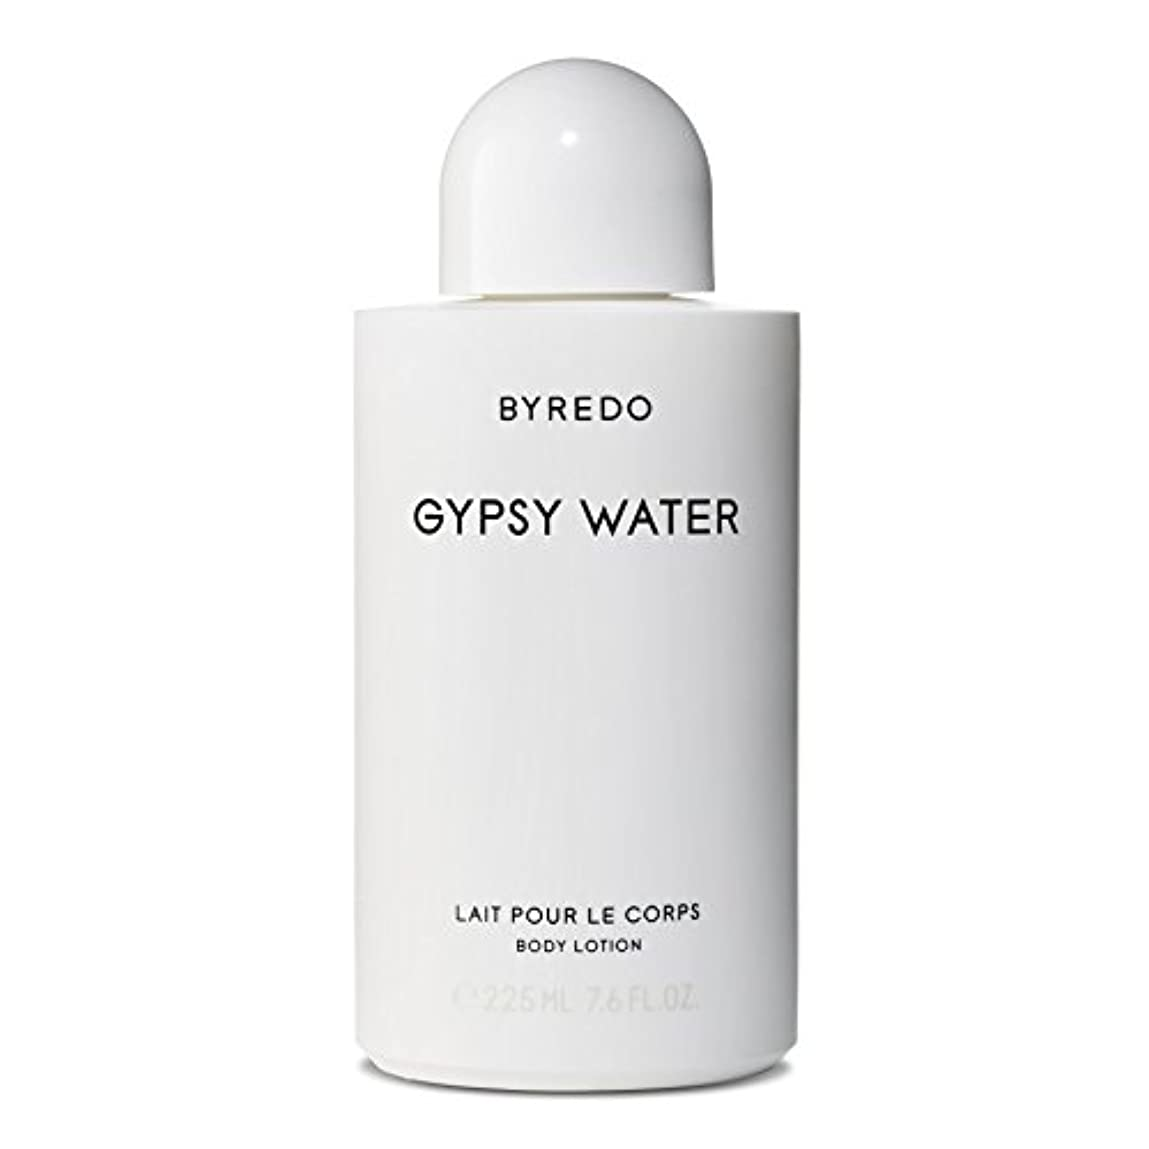 Byredo Gypsy Water Body Lotion 225ml - ジプシー水ボディローション225ミリリットル [並行輸入品]